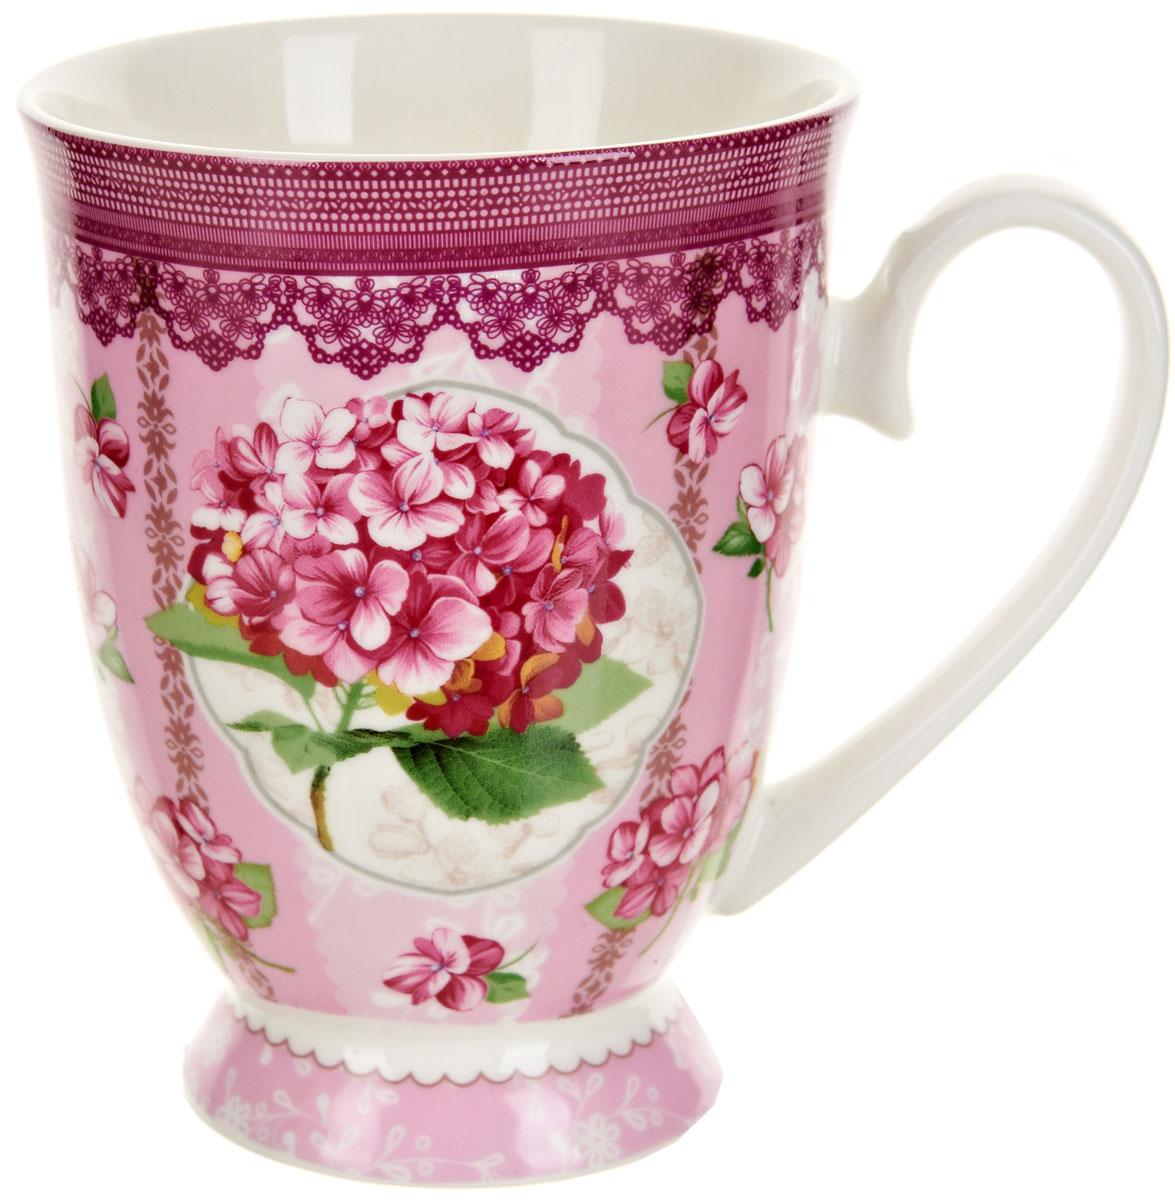 Кружка Polystar Розовая гортензия, 360 млL0990555Оригинальная кружка Polystar, выполненная из фарфора, сочетает в себе изысканный дизайн с максимальной функциональностью.Красочность оформления кружки придется по вкусу и ценителям классики, и тем, кто предпочитает утонченность и изысканность. Можно использовать в микроволной печи и мыть в посудомоечной машине.Объем: 360 мл.